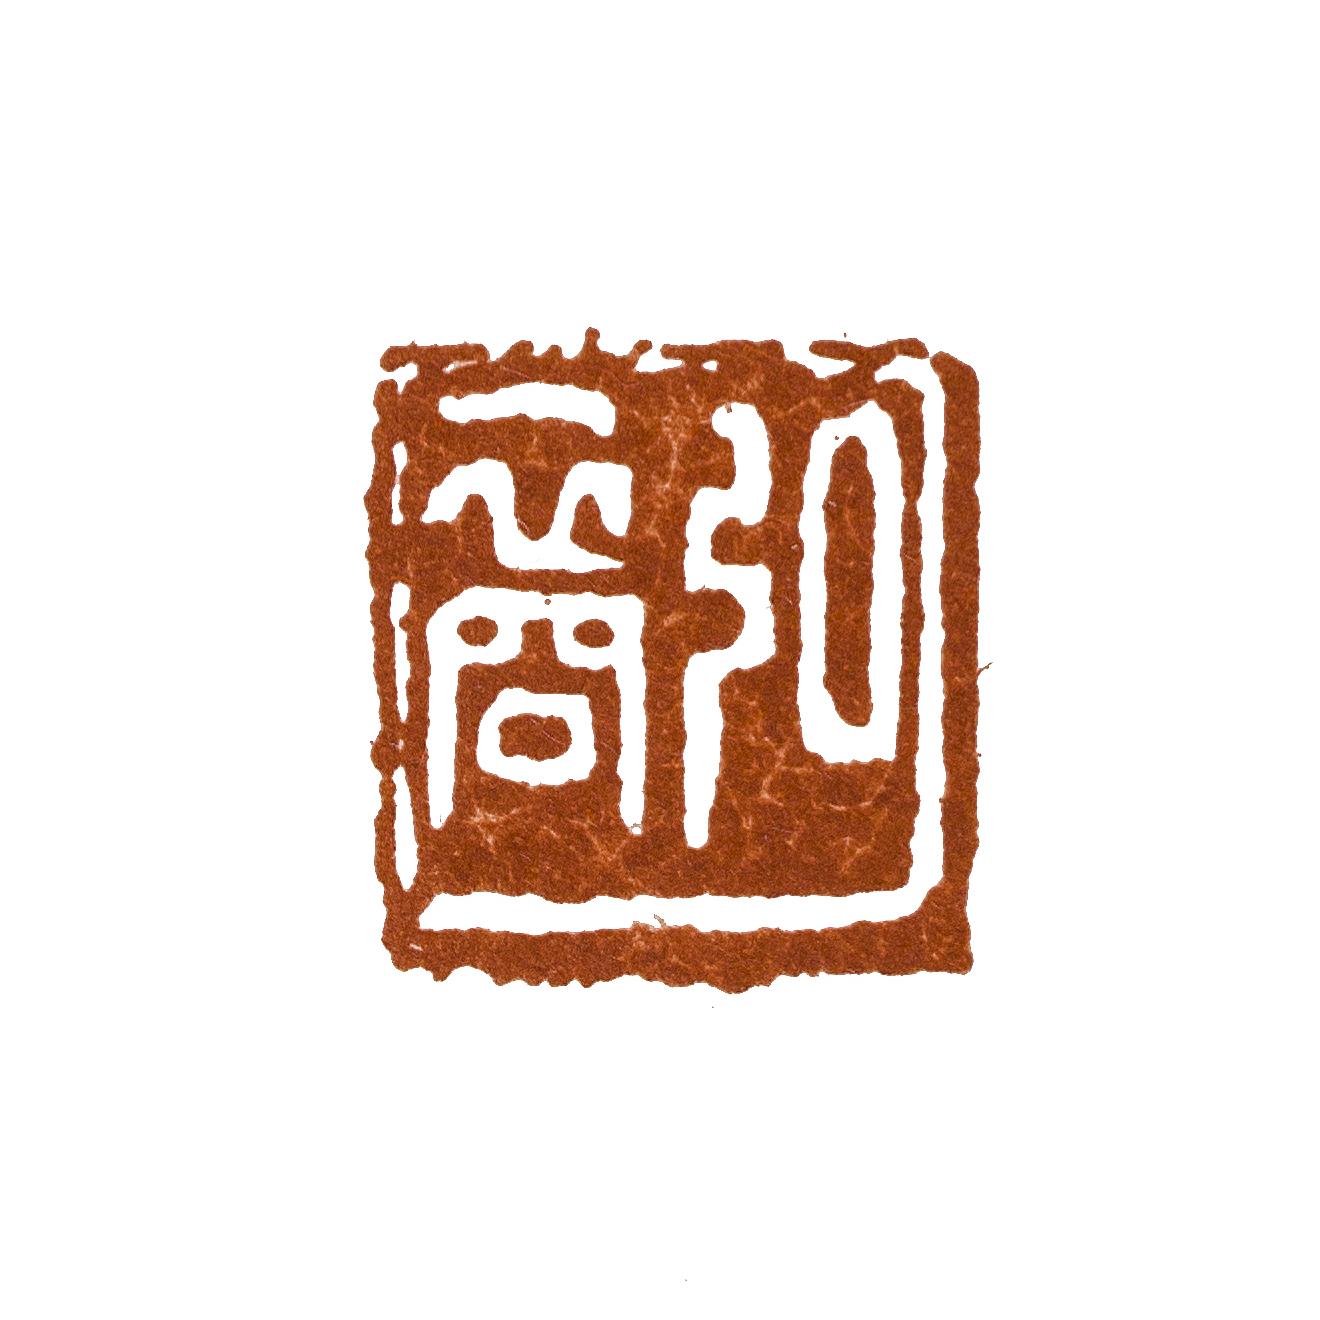 弘裔 副本